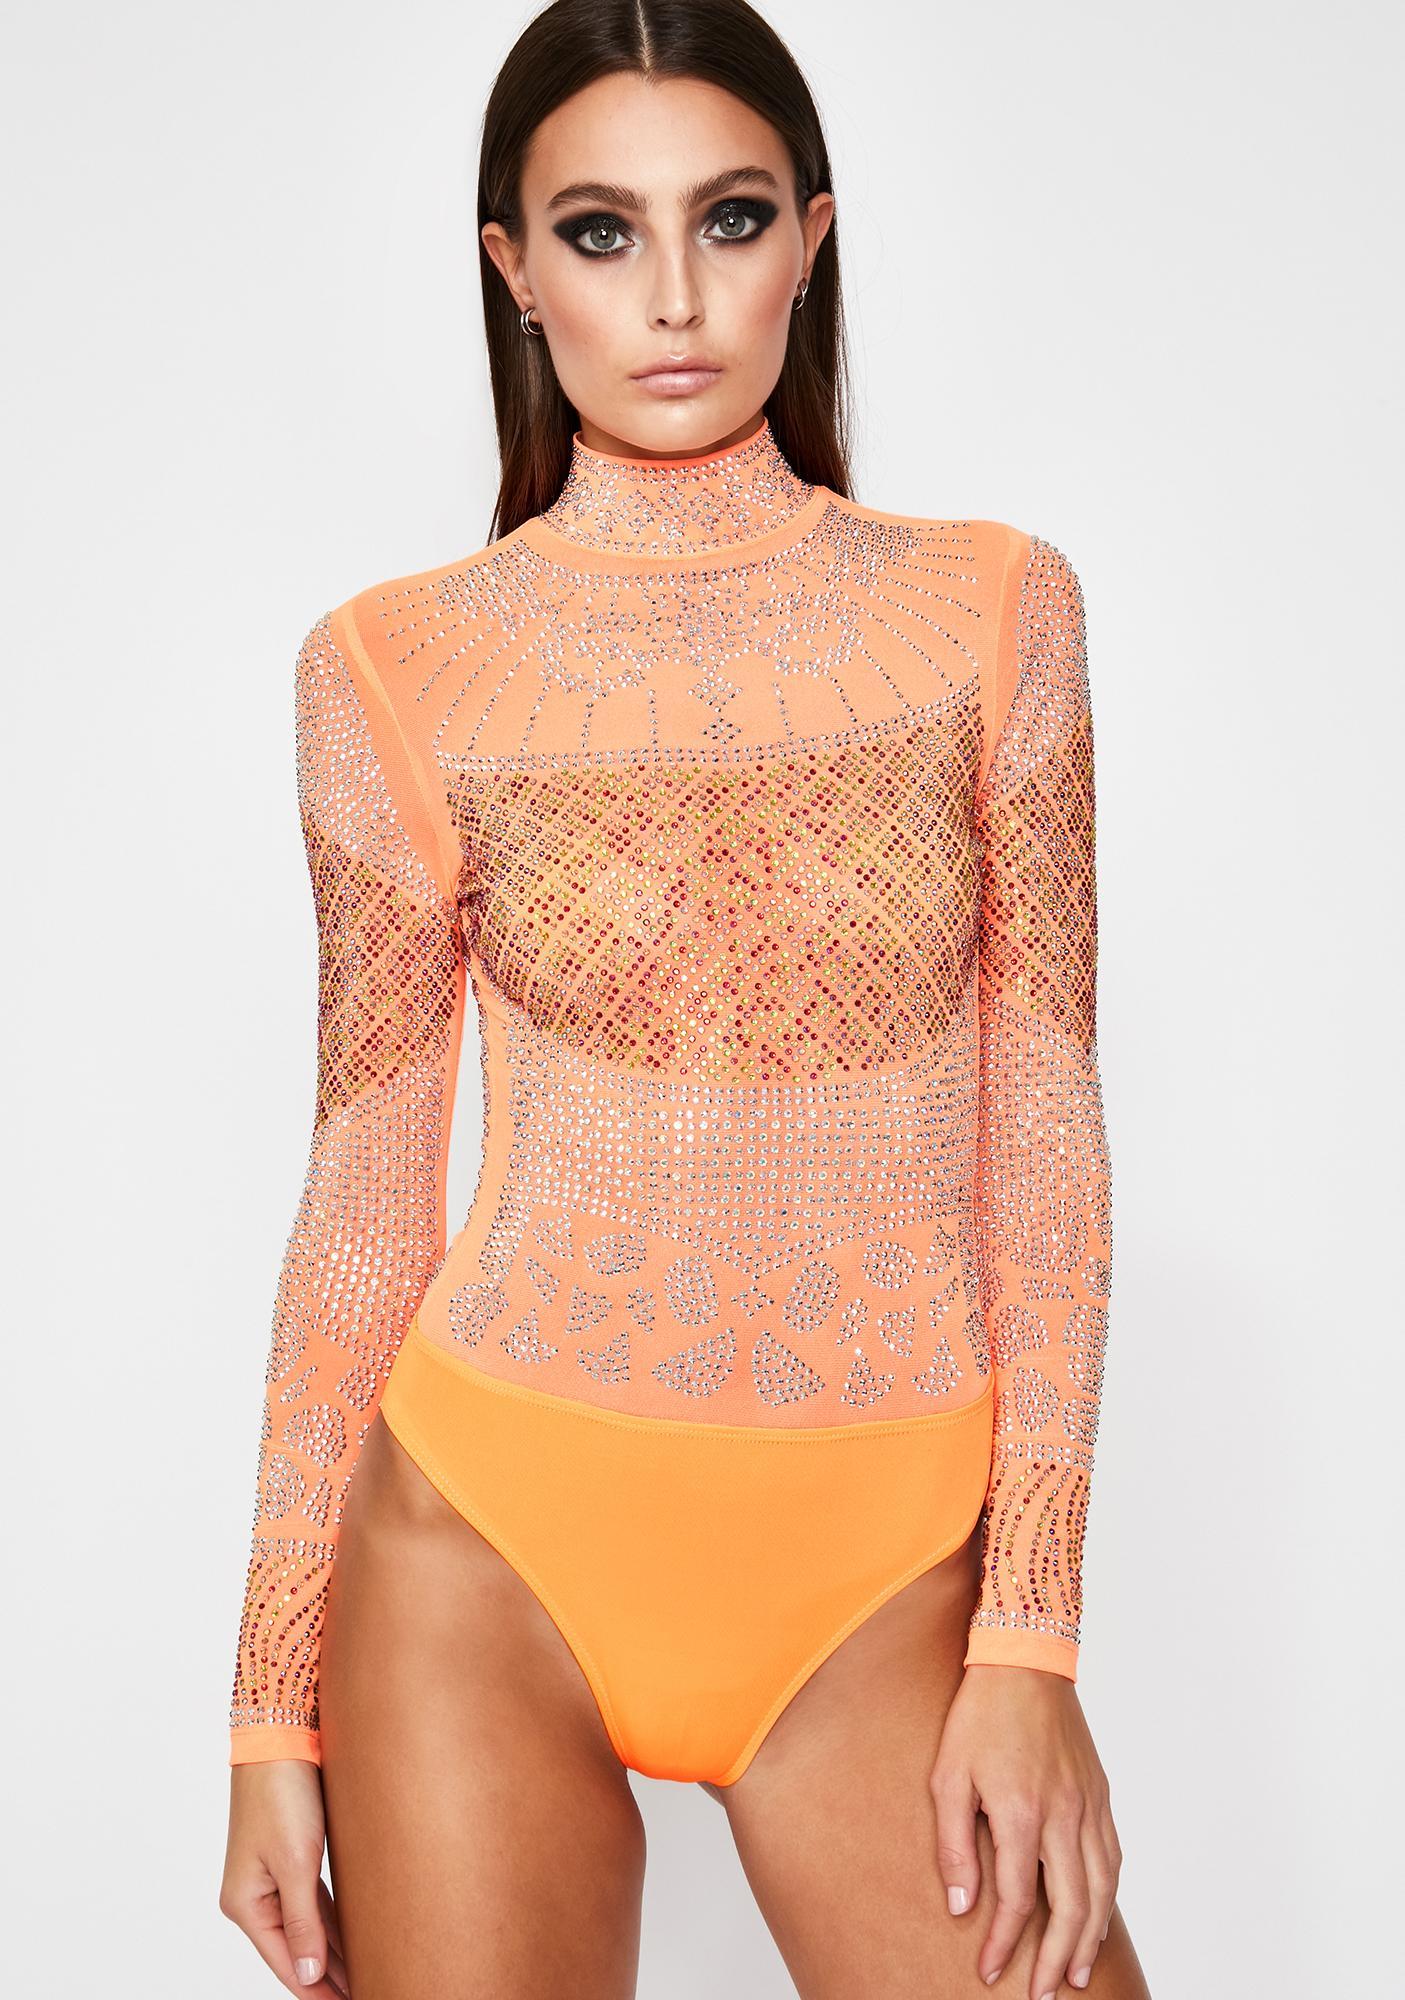 Ginger Rich Desire Rhinestone Bodysuit